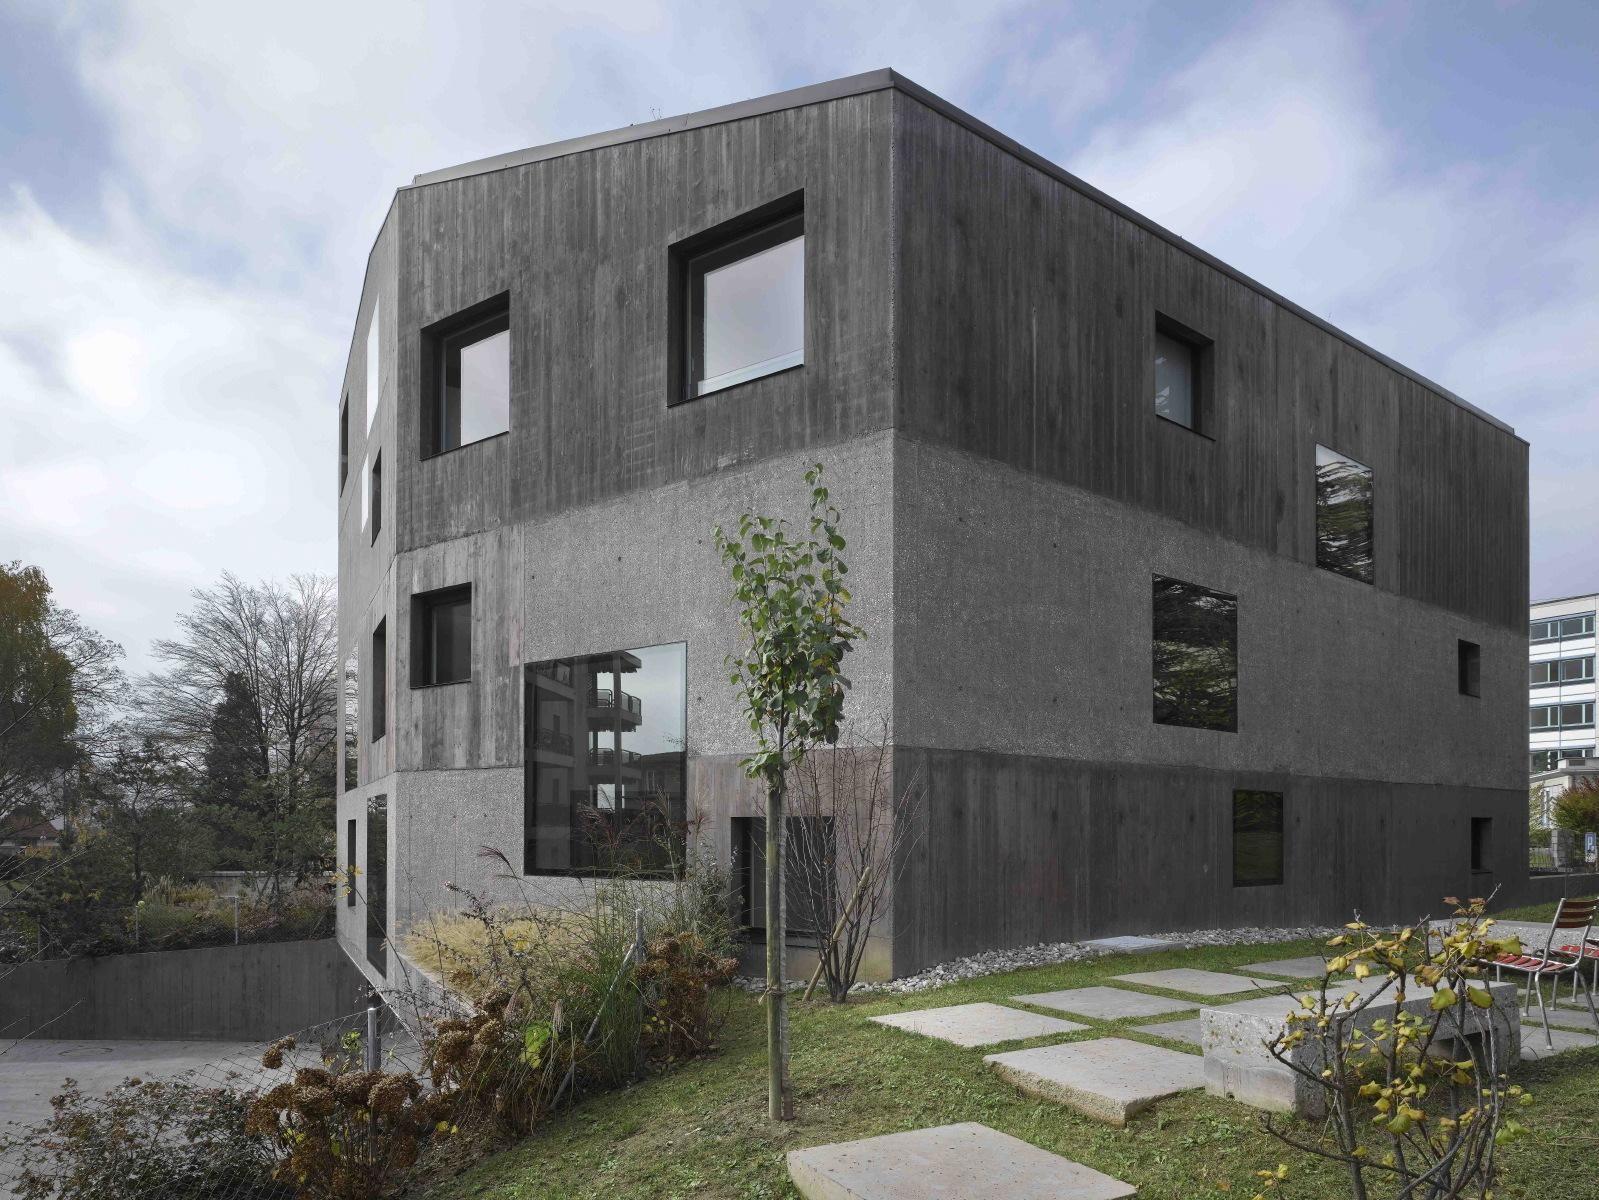 Villa urbaine de 4 logements 2b architectes